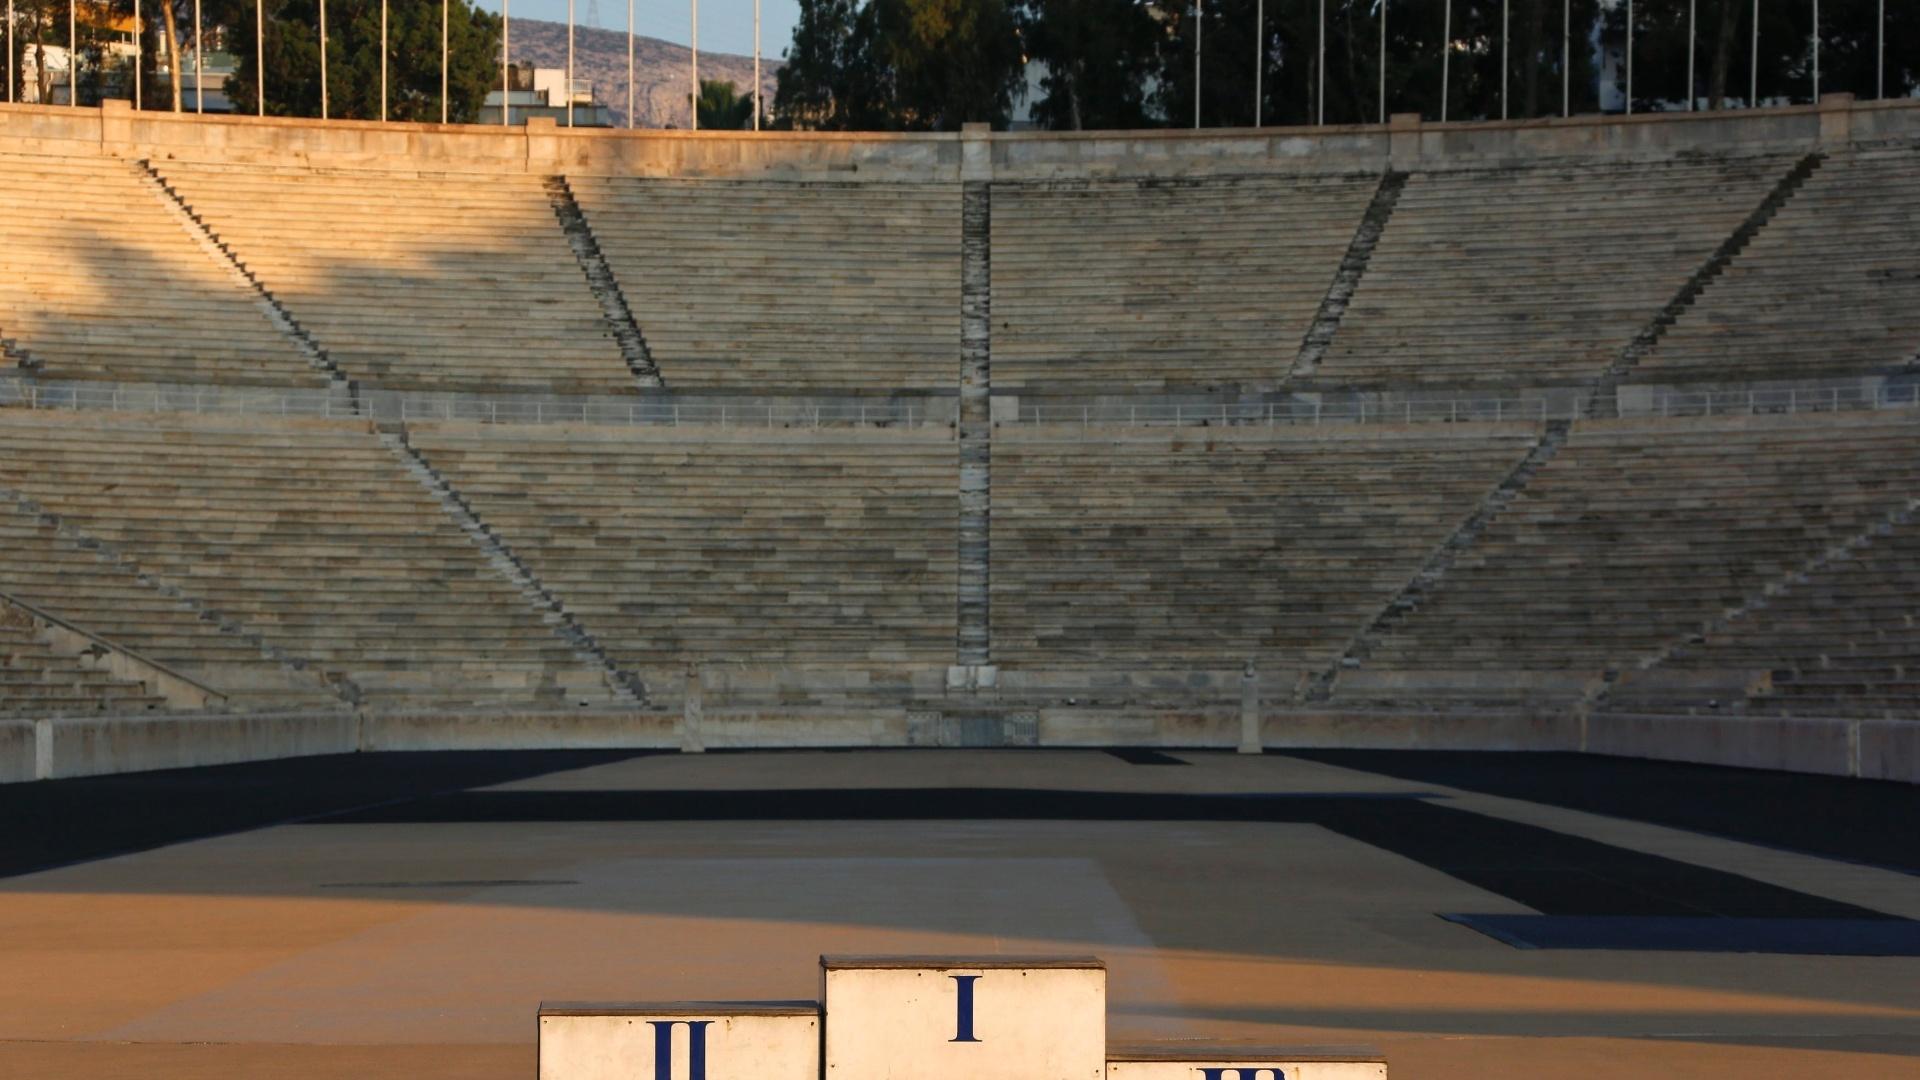 29.jul.2014 - Foto mostra um pódio usado nos Jogos Olímpicos de Atenas no Estádio Panathinaikon, uma das sedes utilizadas durante o evento. Dez anos depois, quase todas as estruturas que abrigaram provas estão abandonadas